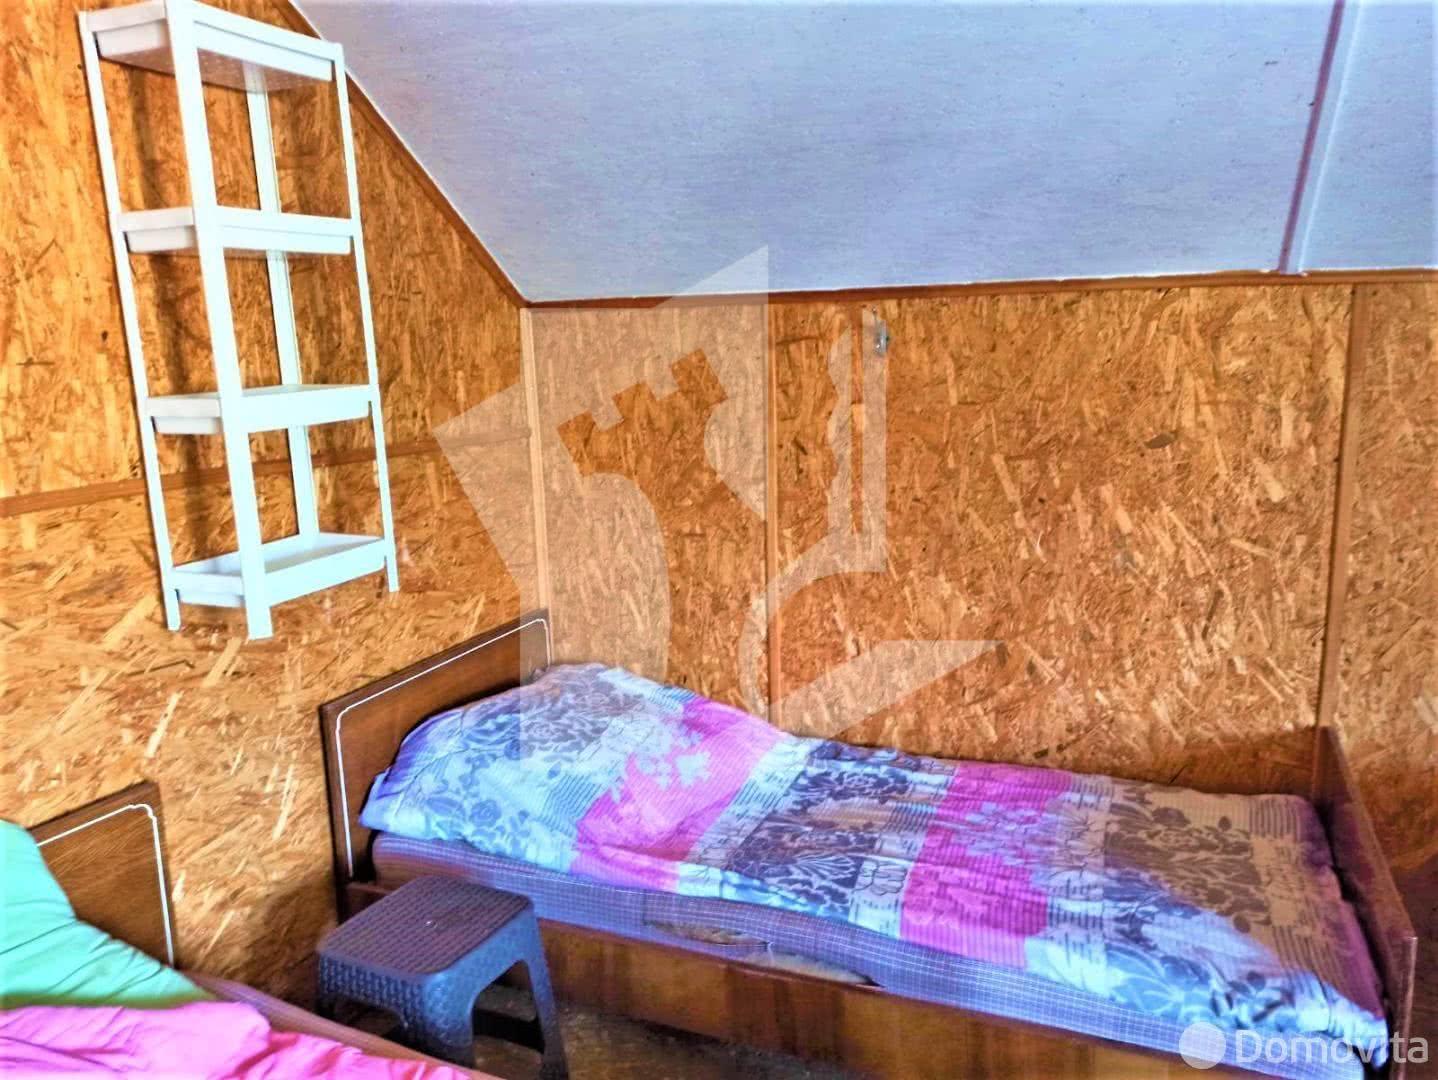 Аренда 2-этажного дома в Минске, Минская область, пер. Тепличный, д. 9 - фото 5